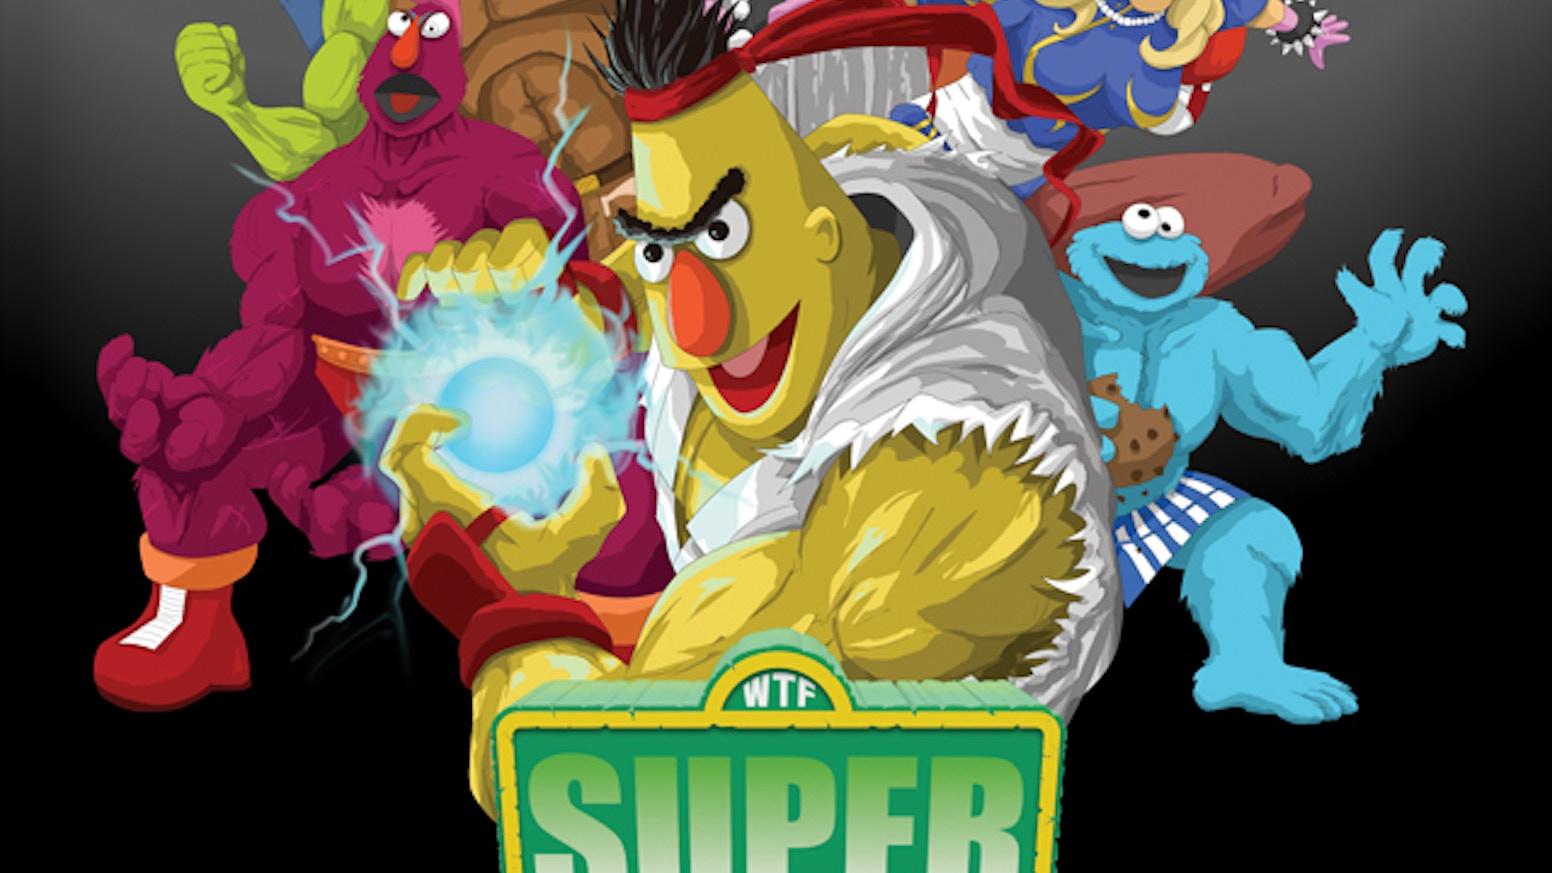 Super Sesame Street Fighter Parody Poster by Matt Crane